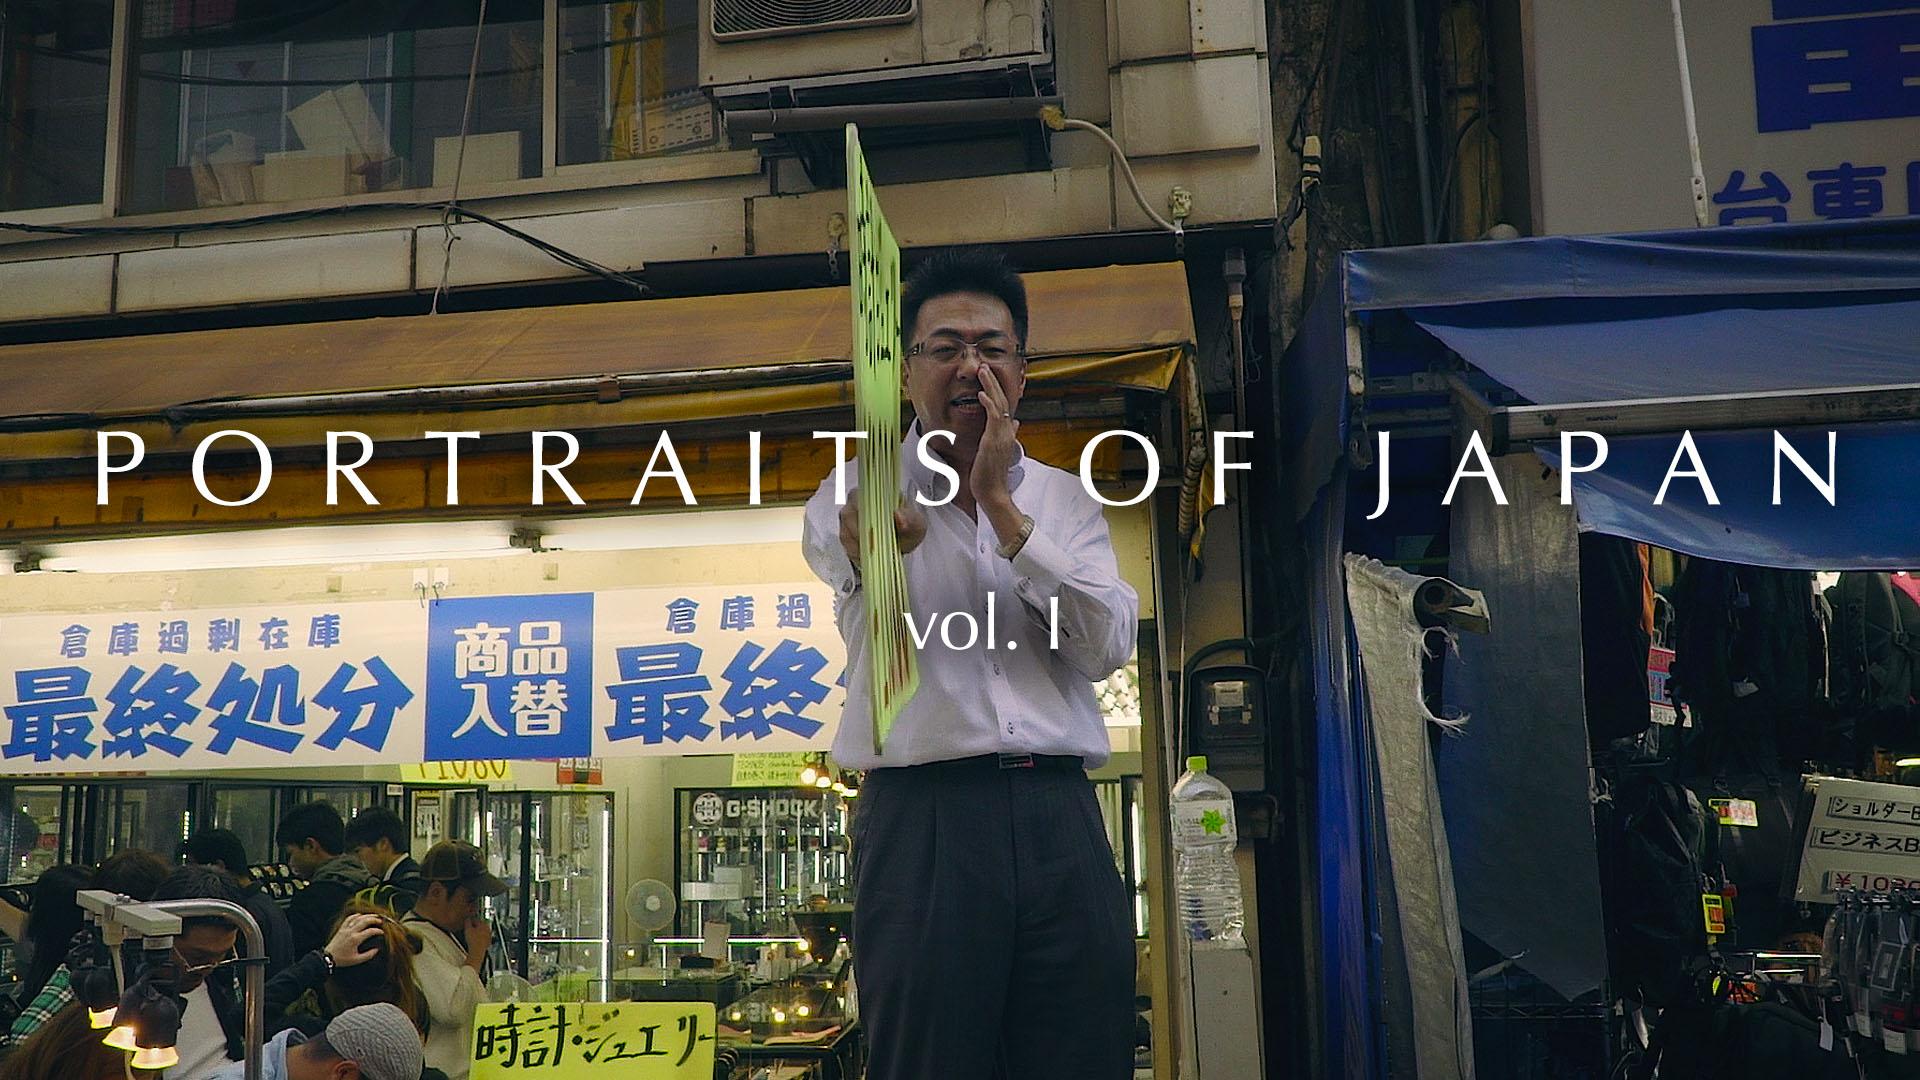 Portraits of Japan Vol. I